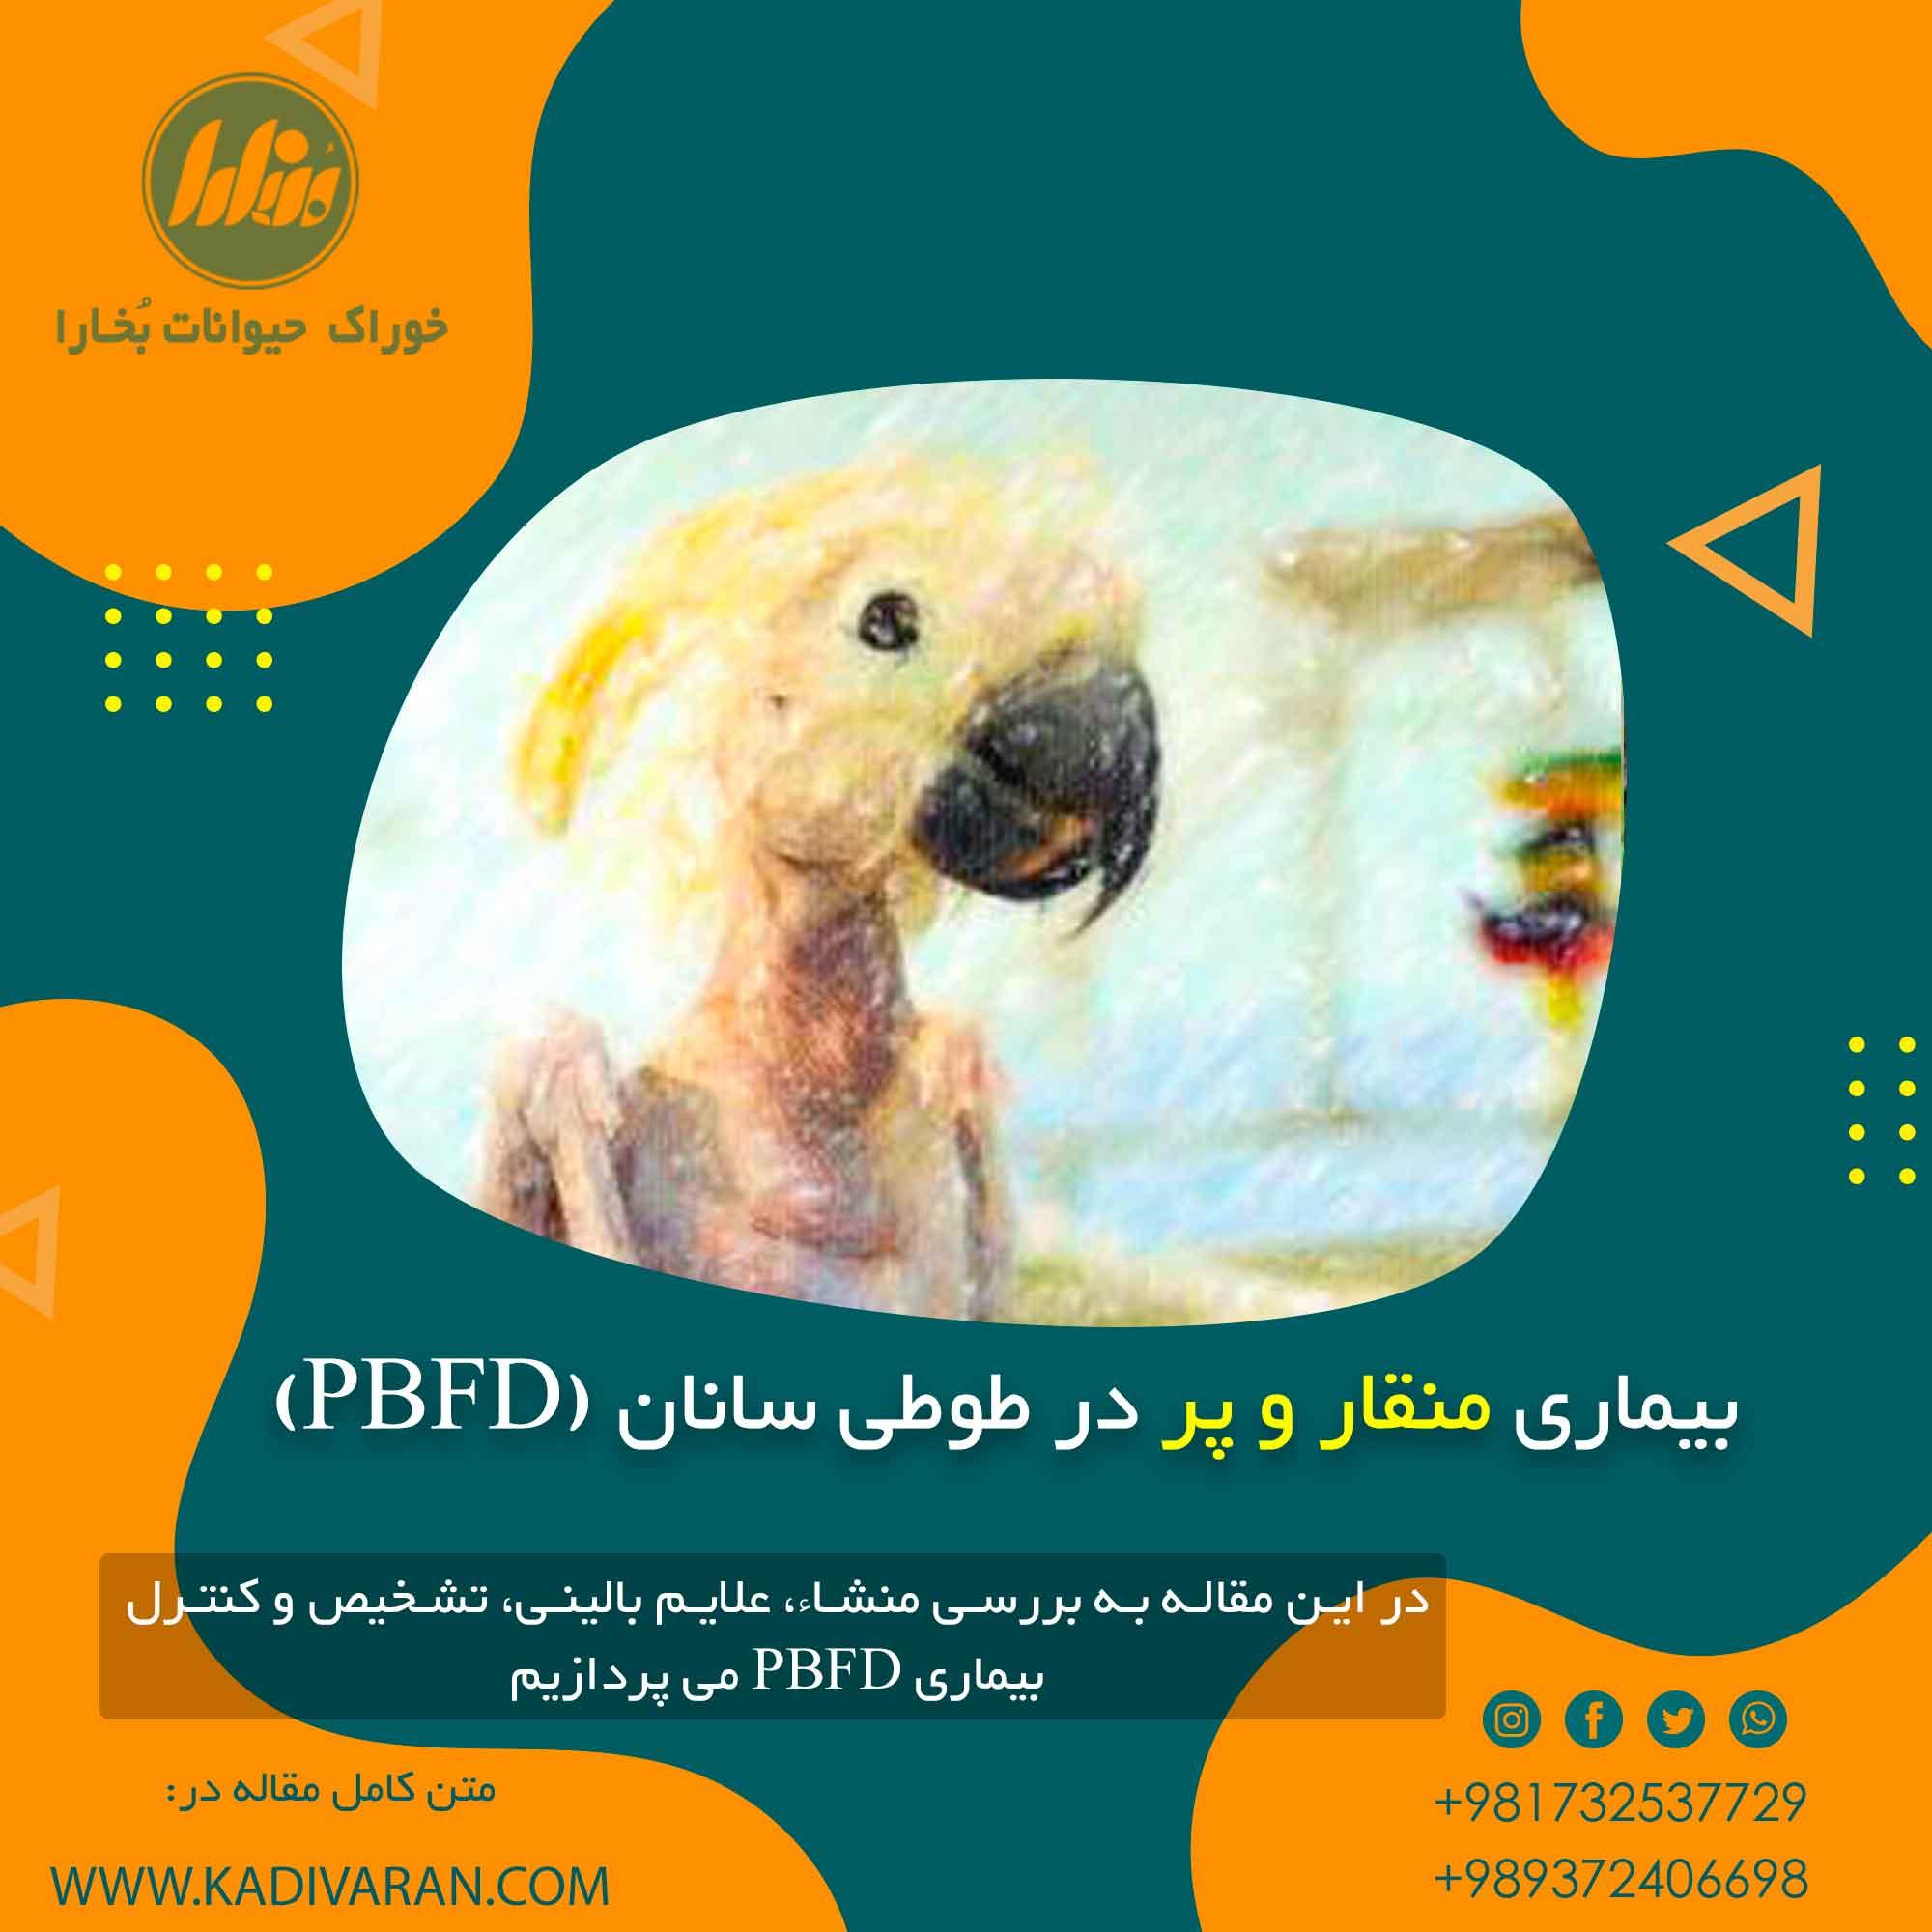 بیماری منقار و پر طوطی سانان (PBFD)